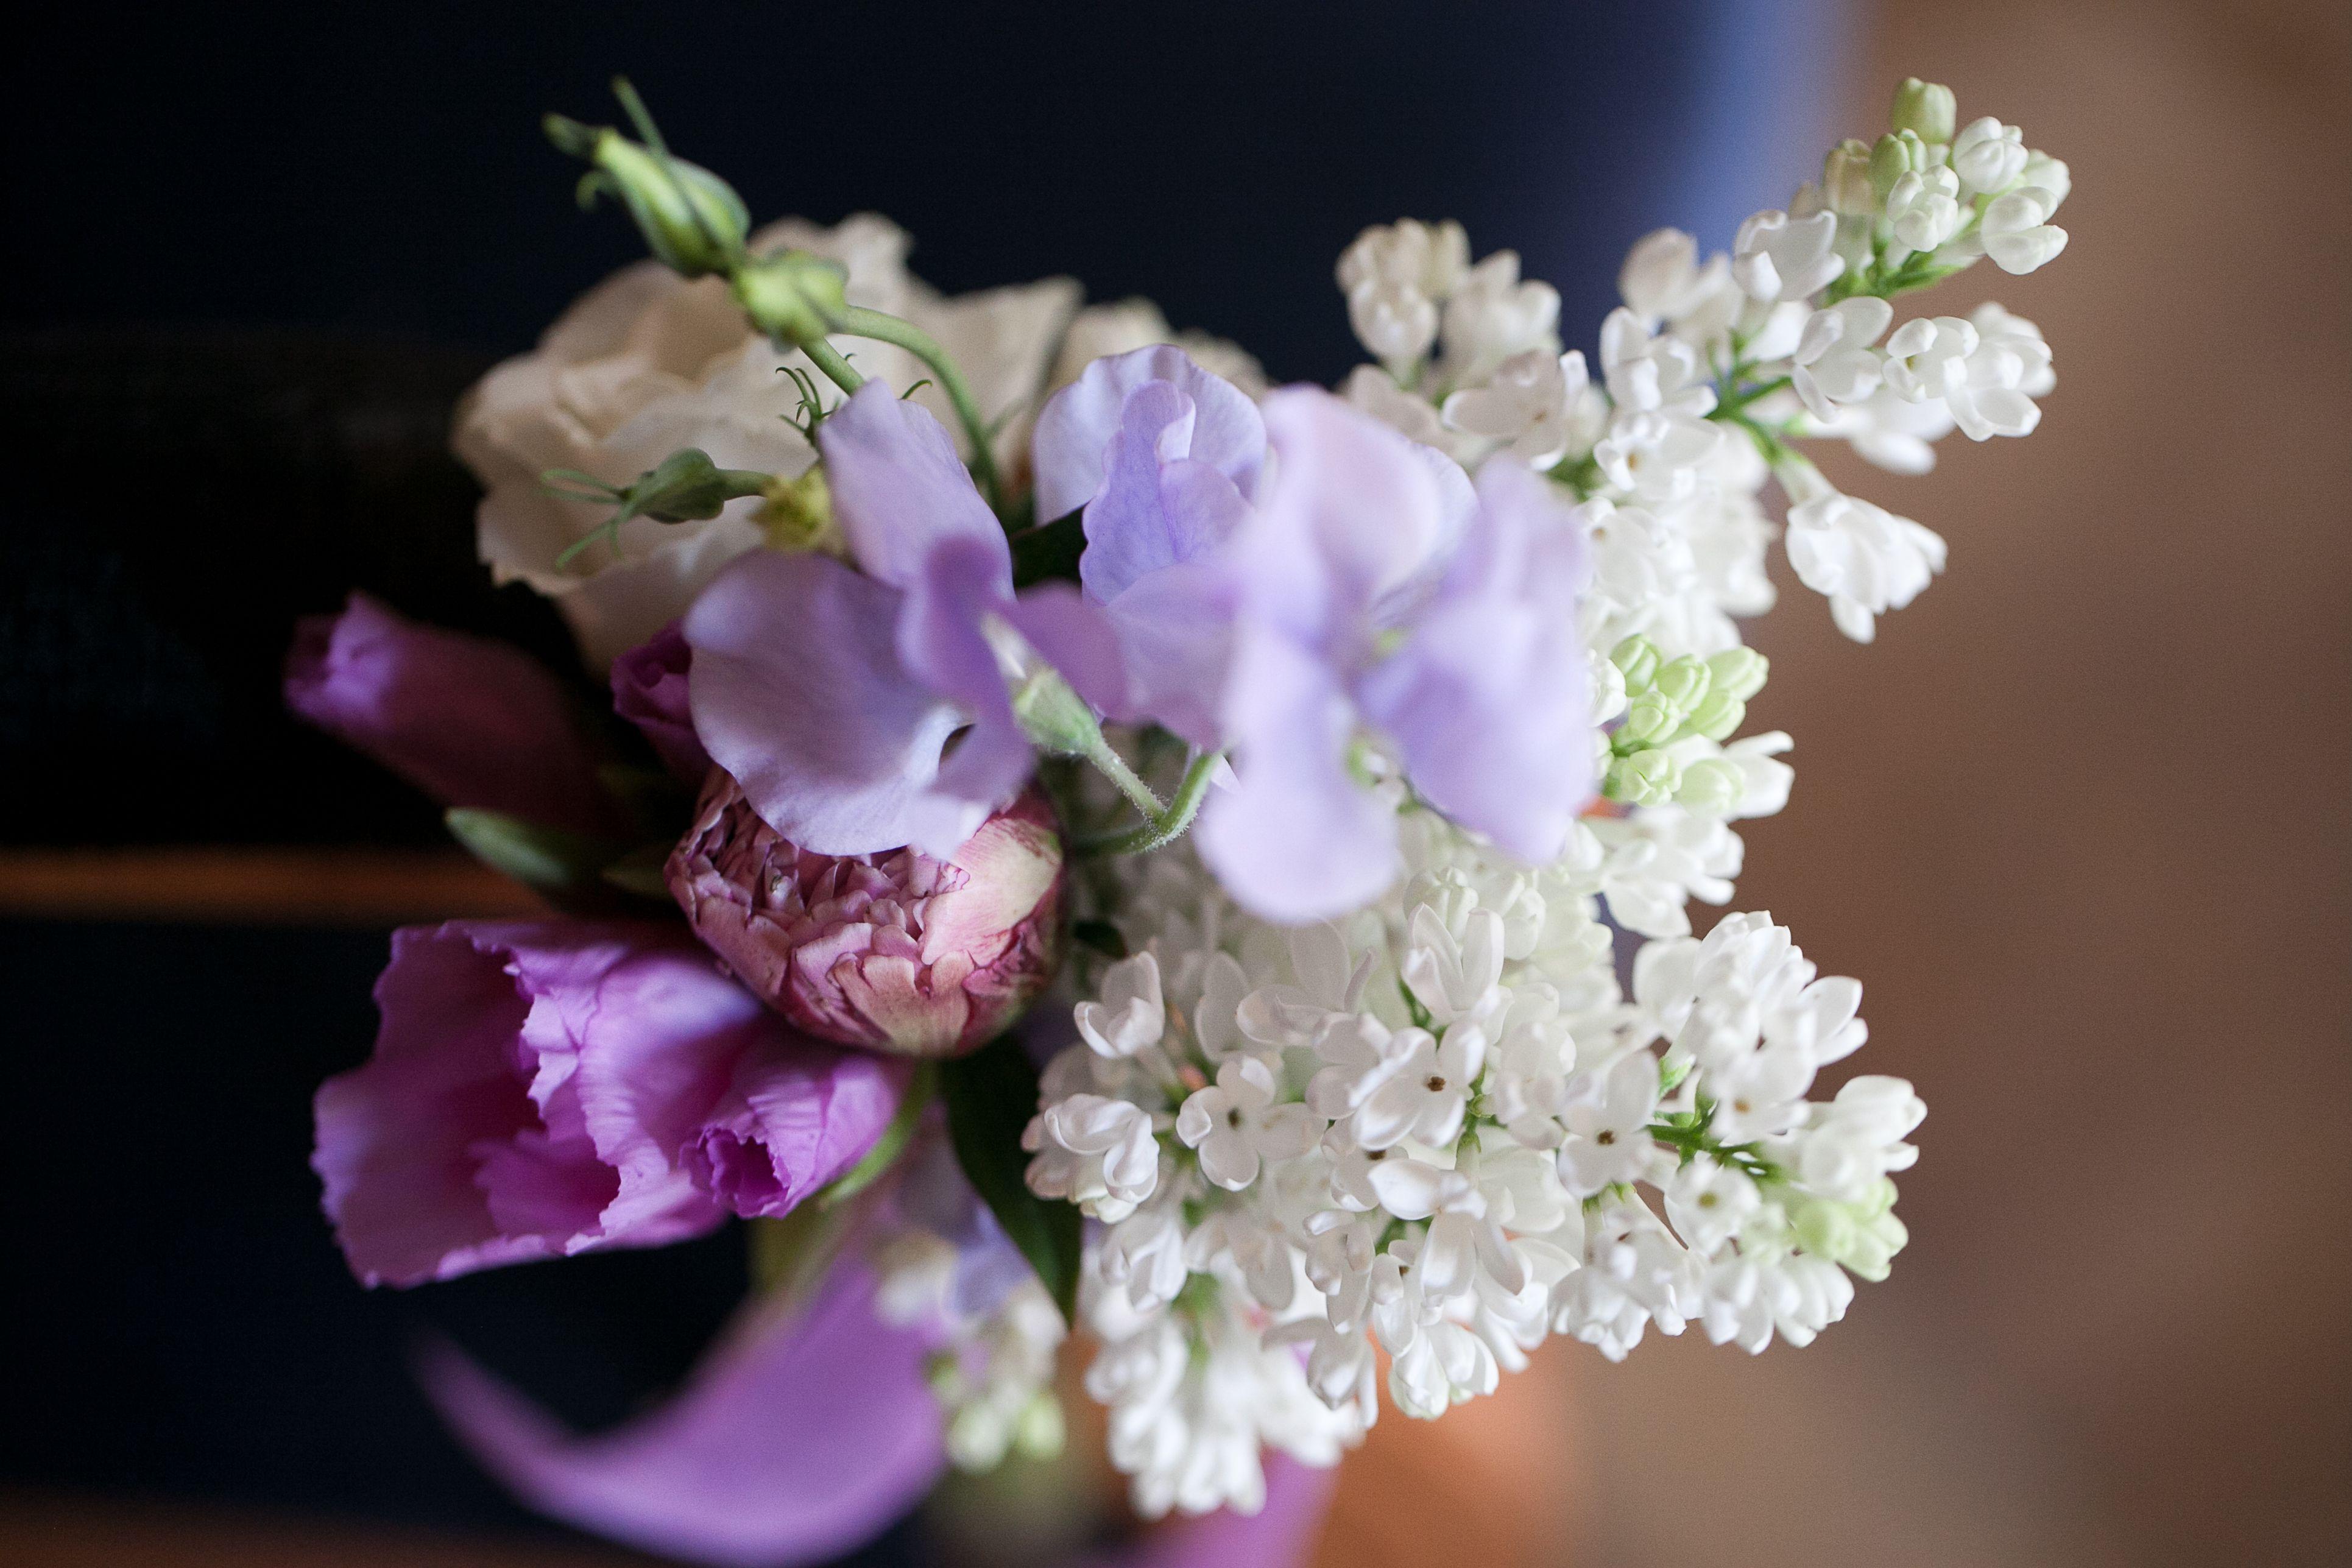 April flowers in mauve  lilac